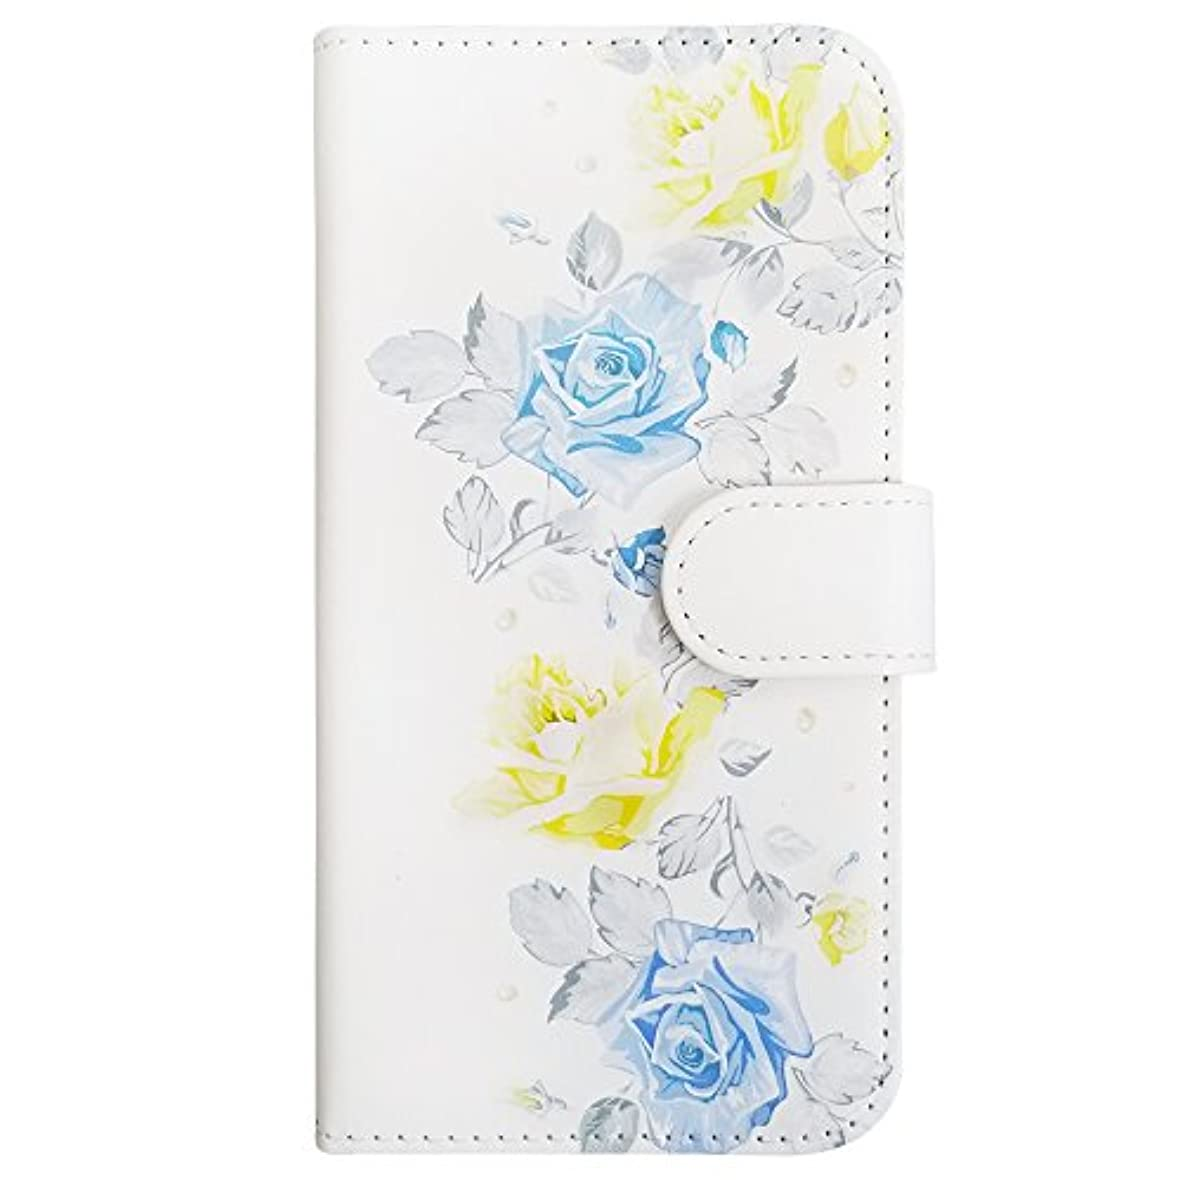 パワーセル数字ミケランジェロsslink iPhone XS Max 手帳型 スマホ ケース おしゃれな花柄デザイン (イエロー×ブルー) バラ ローズ ローズ 水彩風 パステル レトロ ダイアリータイプ 横開き カード収納 フリップ カバー スマートフォン